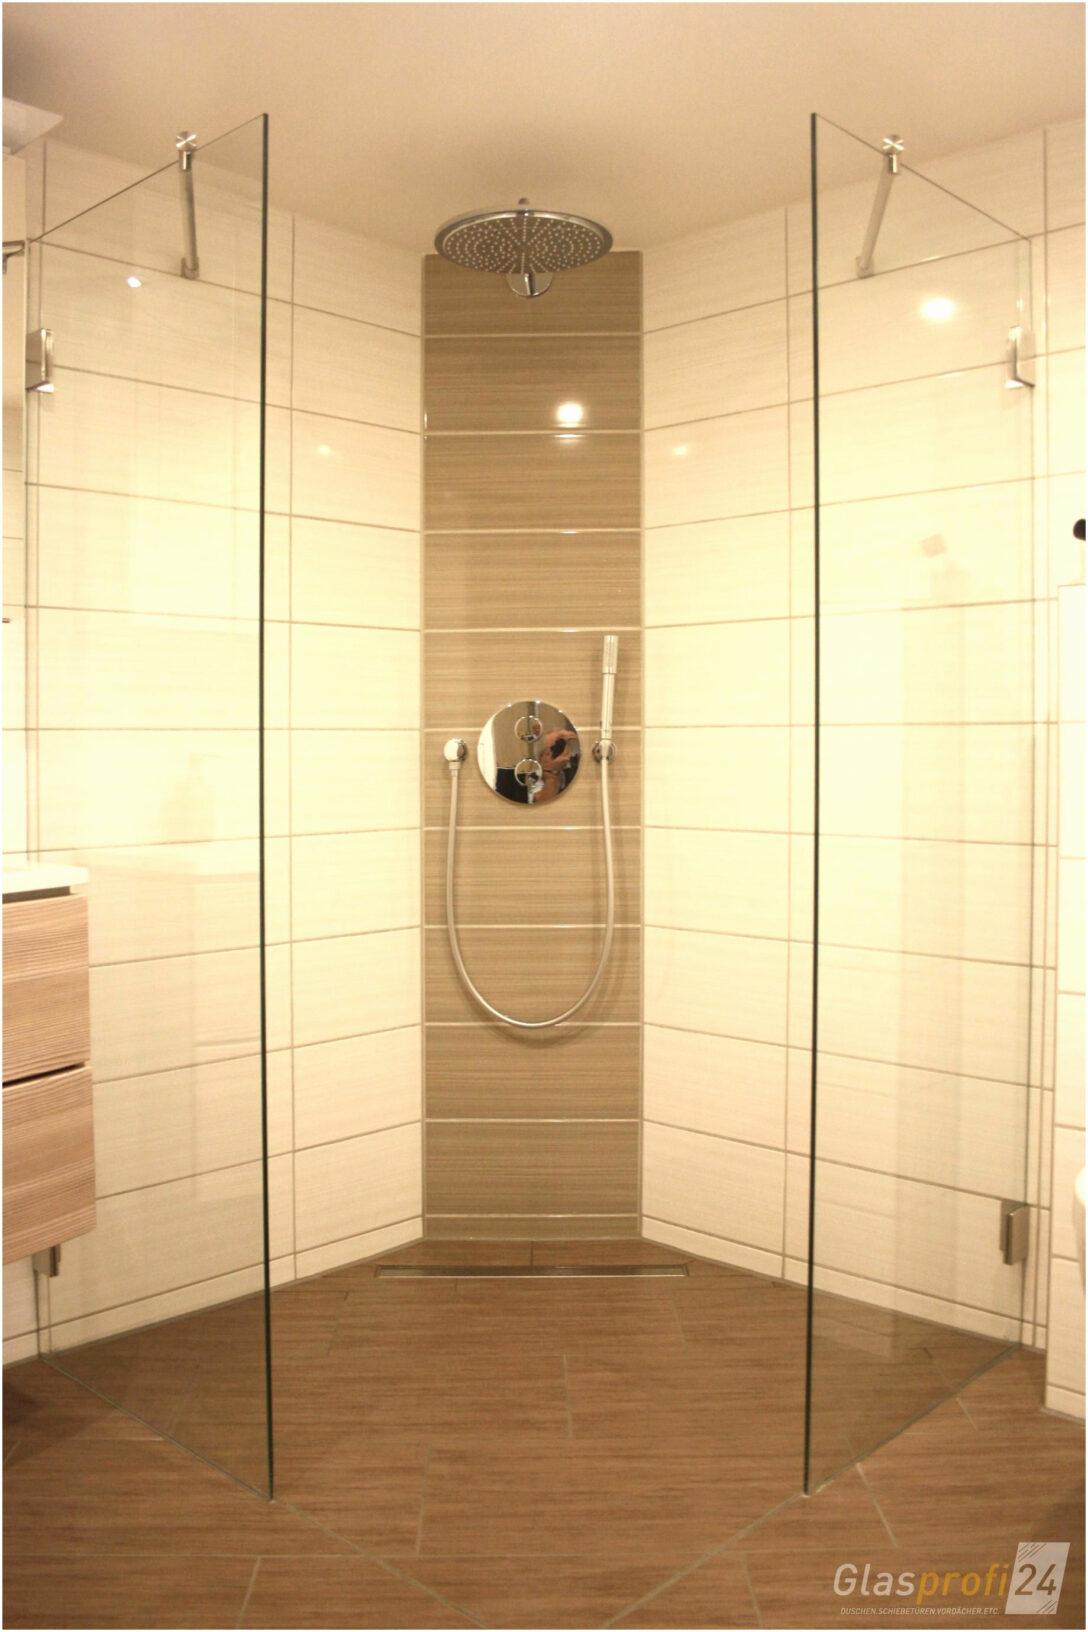 Large Size of Badezimmer Kosten Raindance Dusche Küche Ikea Duschen Kaufen Hüppe Barrierefreie Badewanne Mit Lärmschutzwand Garten Grohe Bluetooth Lautsprecher Fenster Dusche Ebenerdige Dusche Kosten